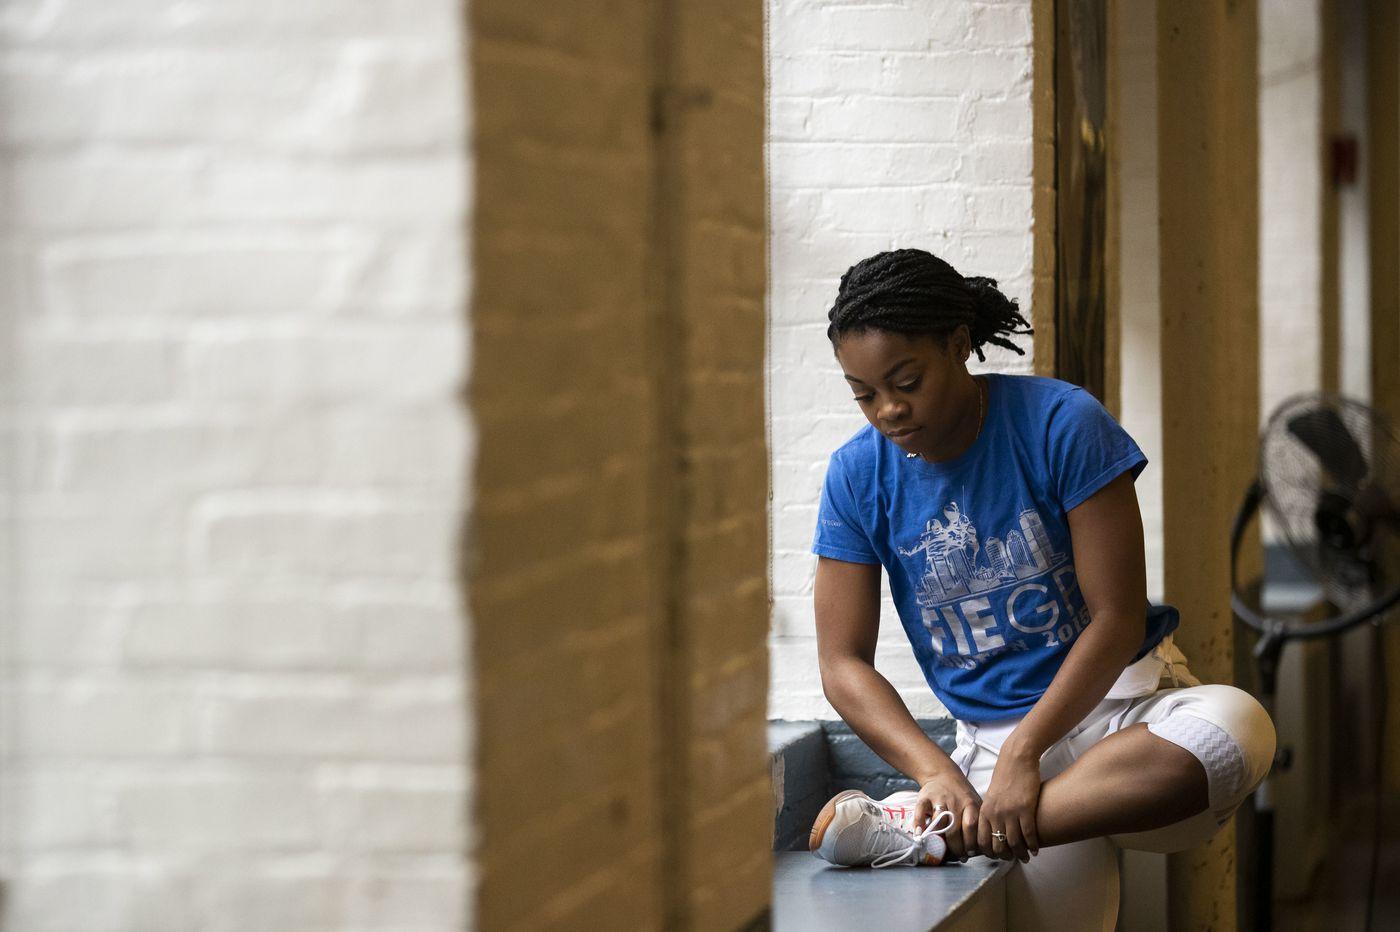 Former Temple fencer Kamali Thompson's dreams on hold as coronavirus postpones Olympics